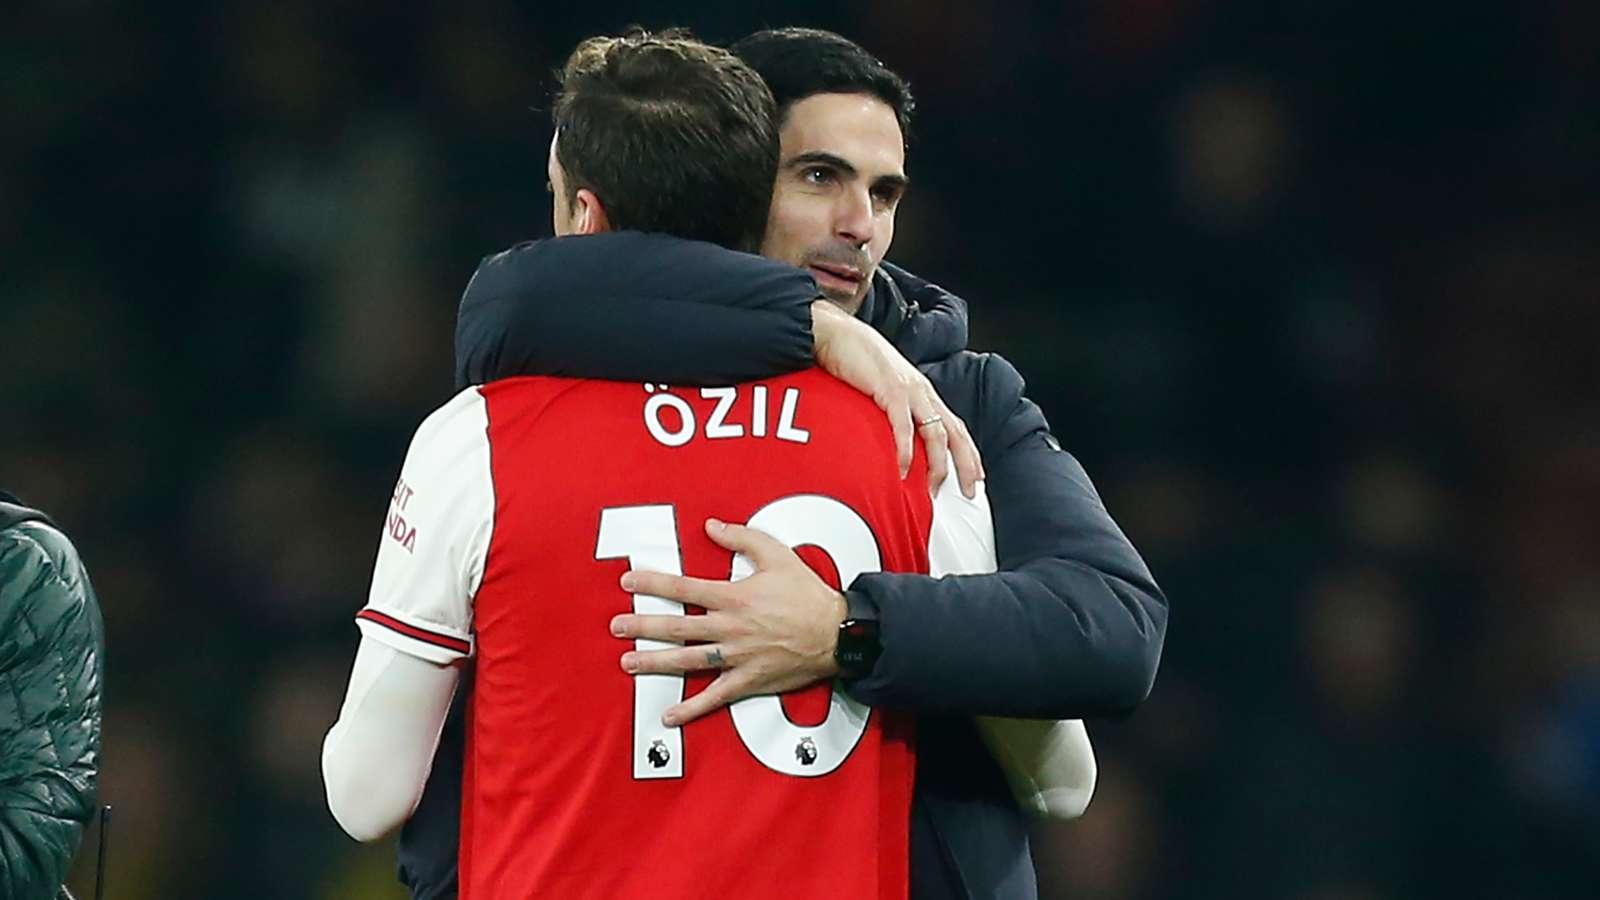 آرسنال-لیگ برتر-انگلستان-توپچی ها-Arsenal-England